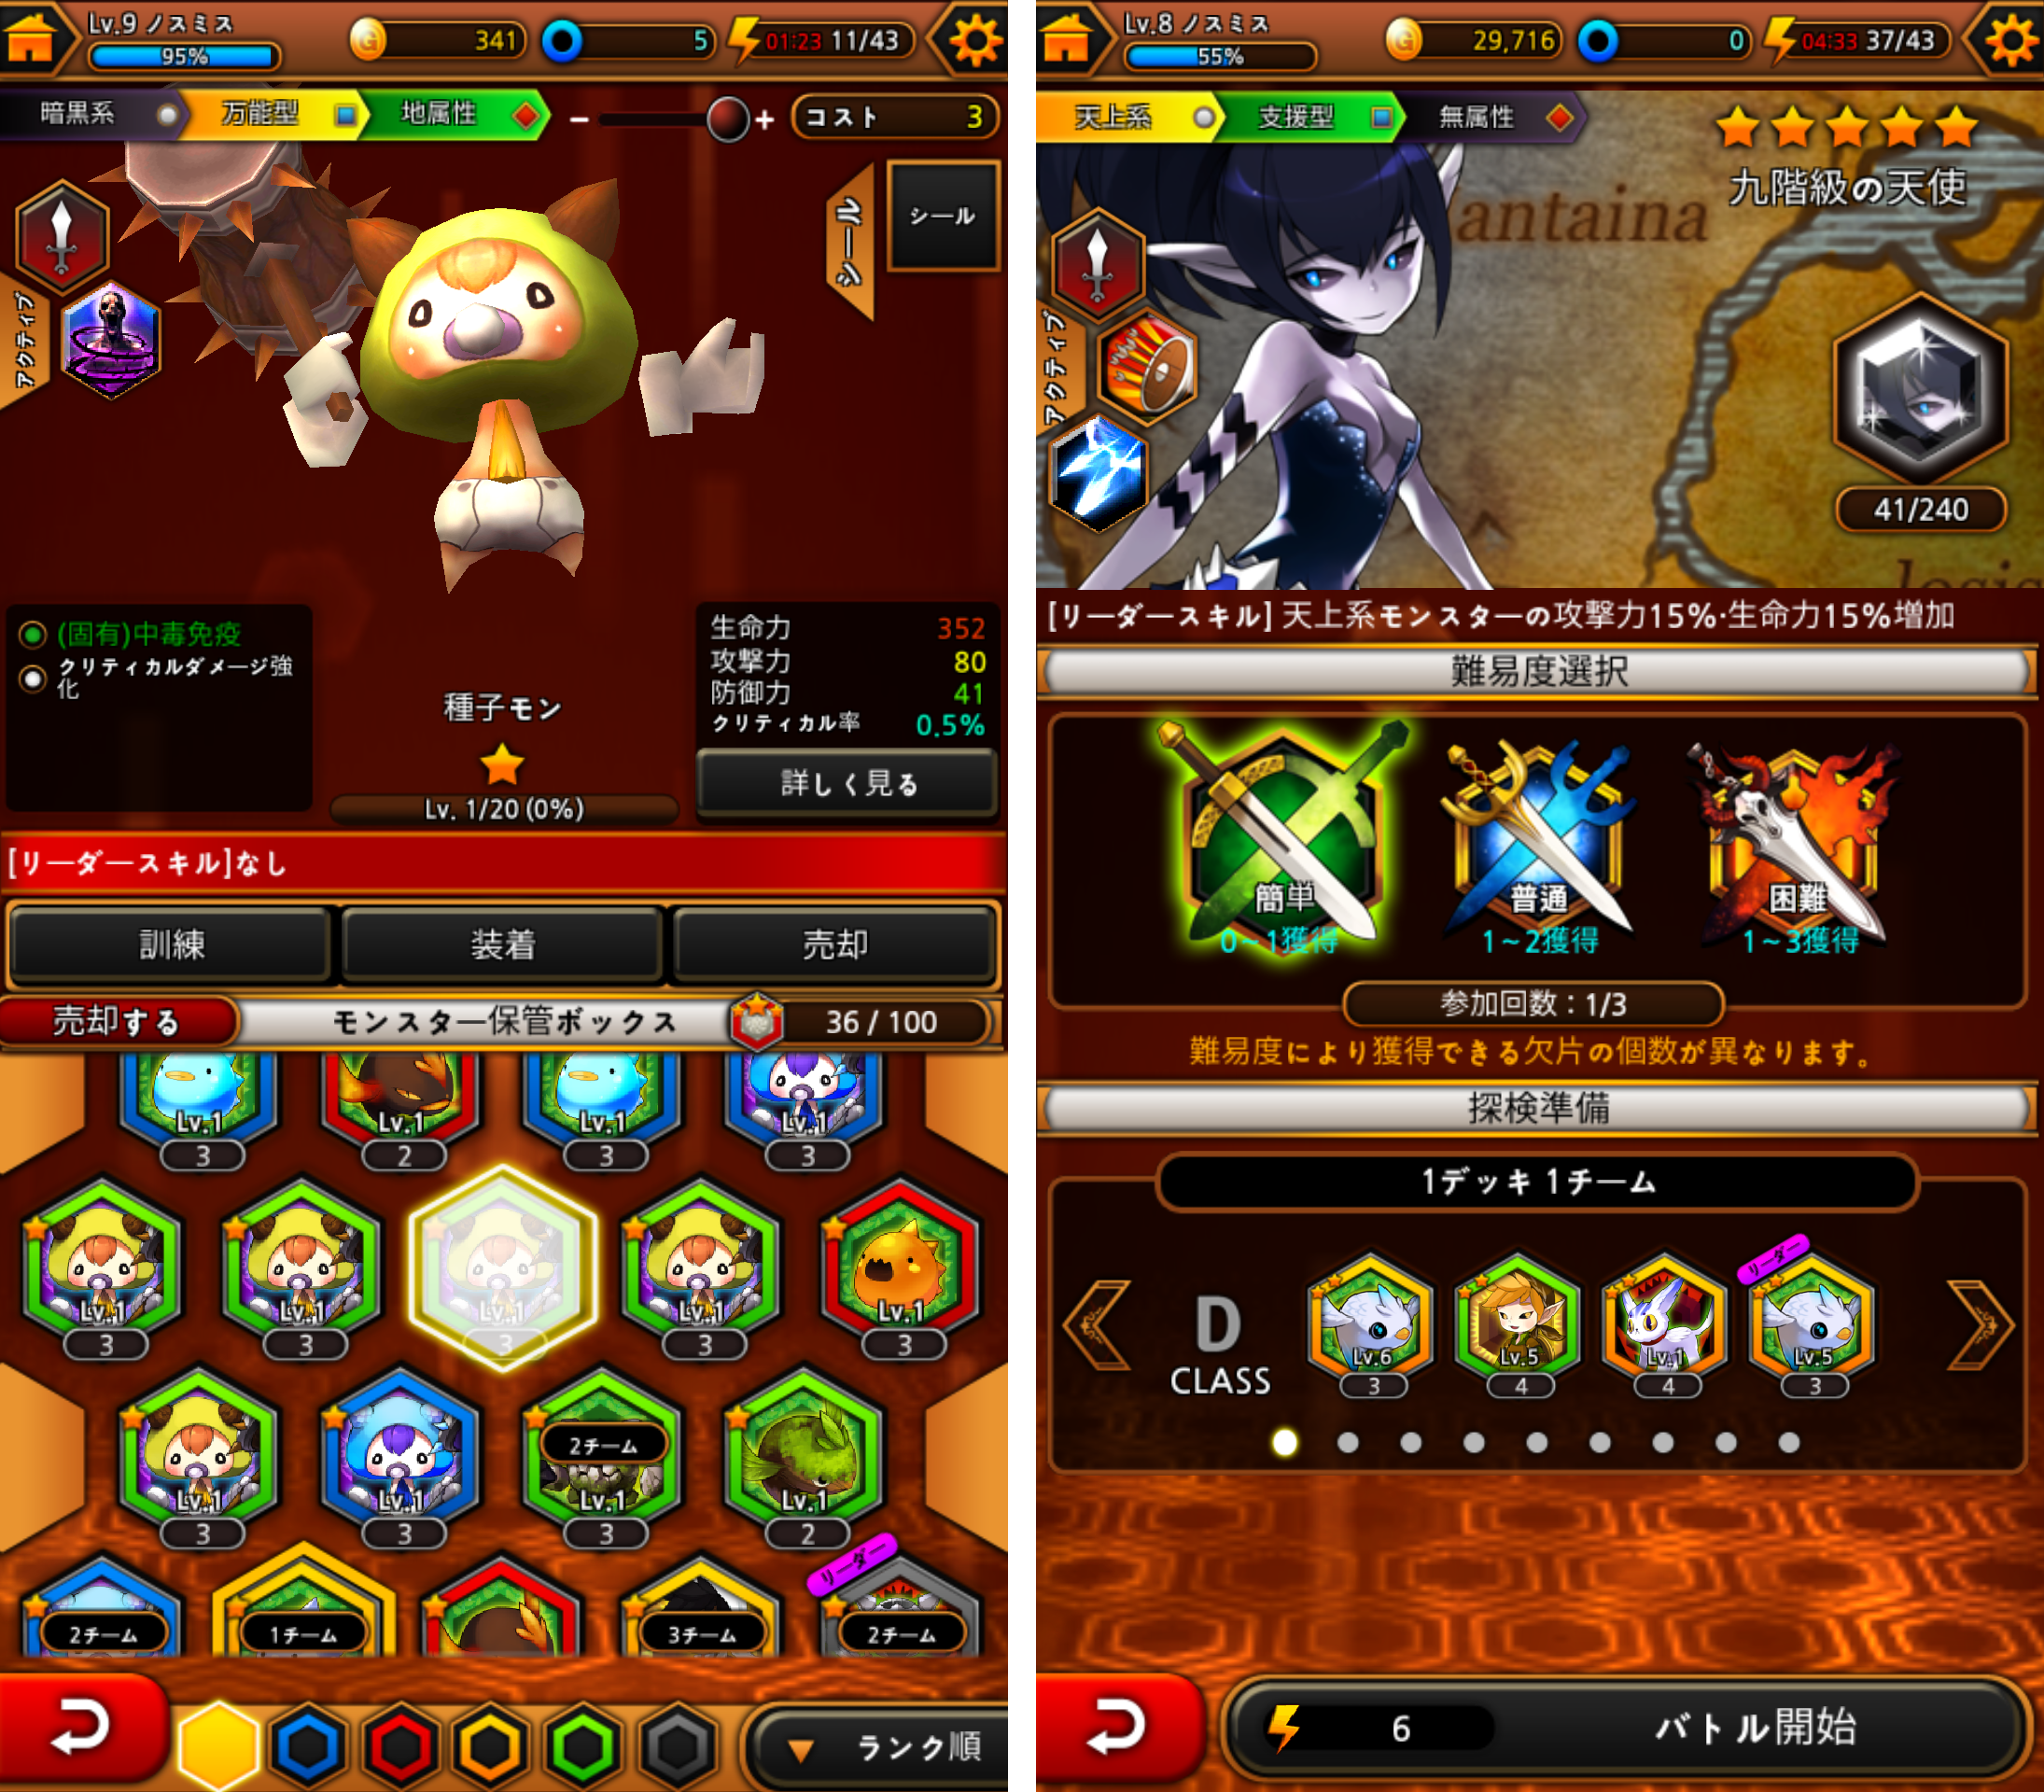 マスターオブタクティクス(Master of Tactics) androidアプリスクリーンショット3